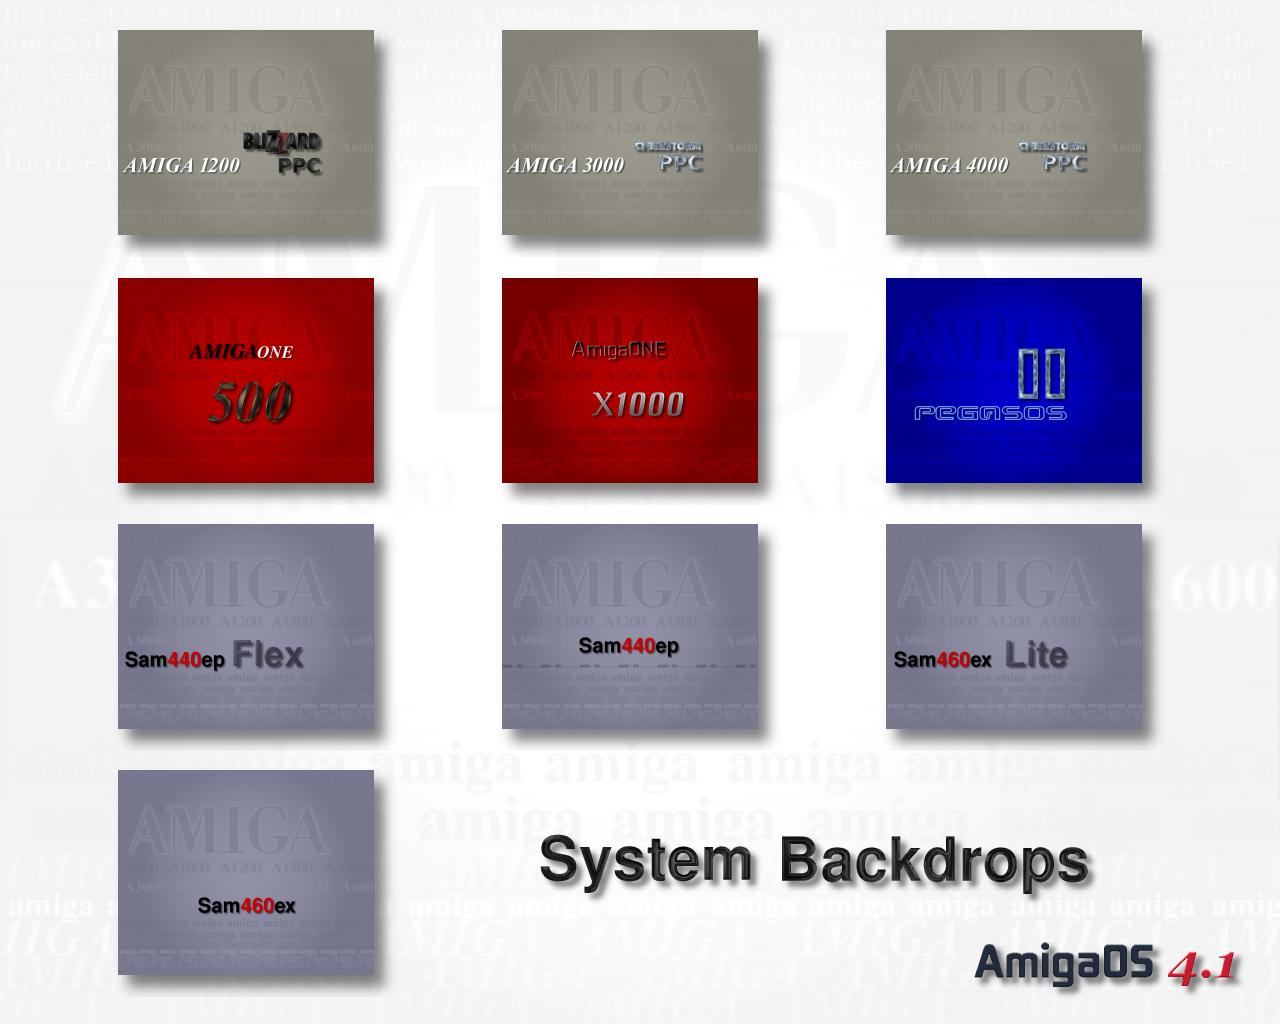 AmigaOS 4.1 System Backdrops 1280x1024